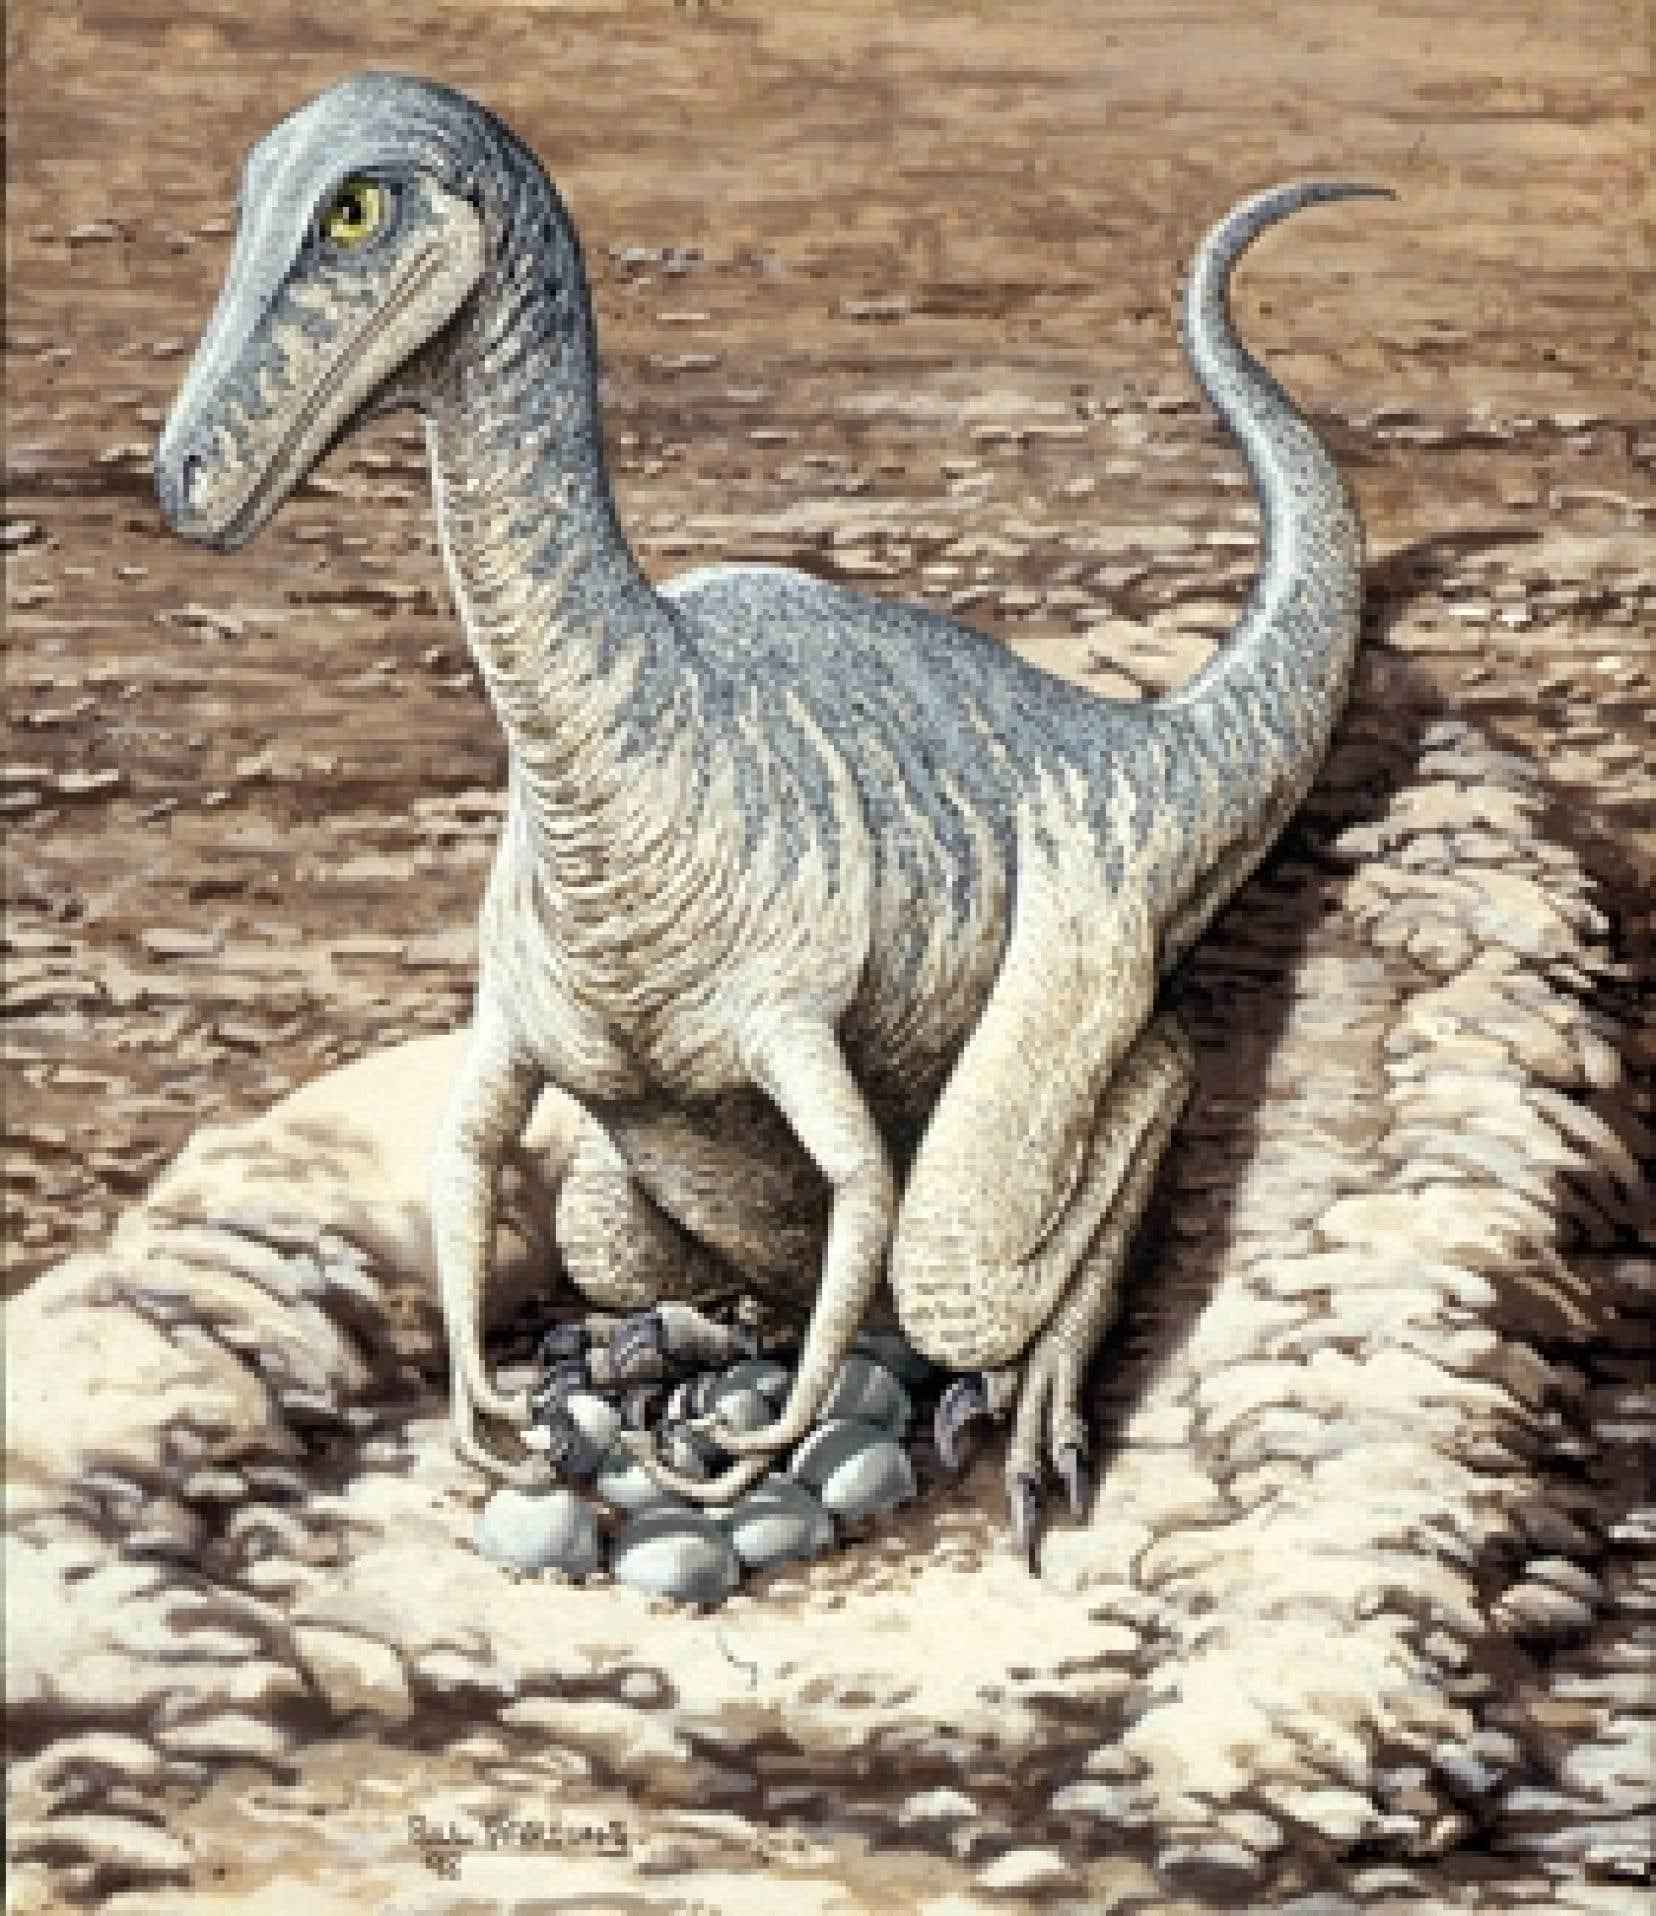 Un dessin d'un Troodon, une espèce proche des ancêtres des oiseaux